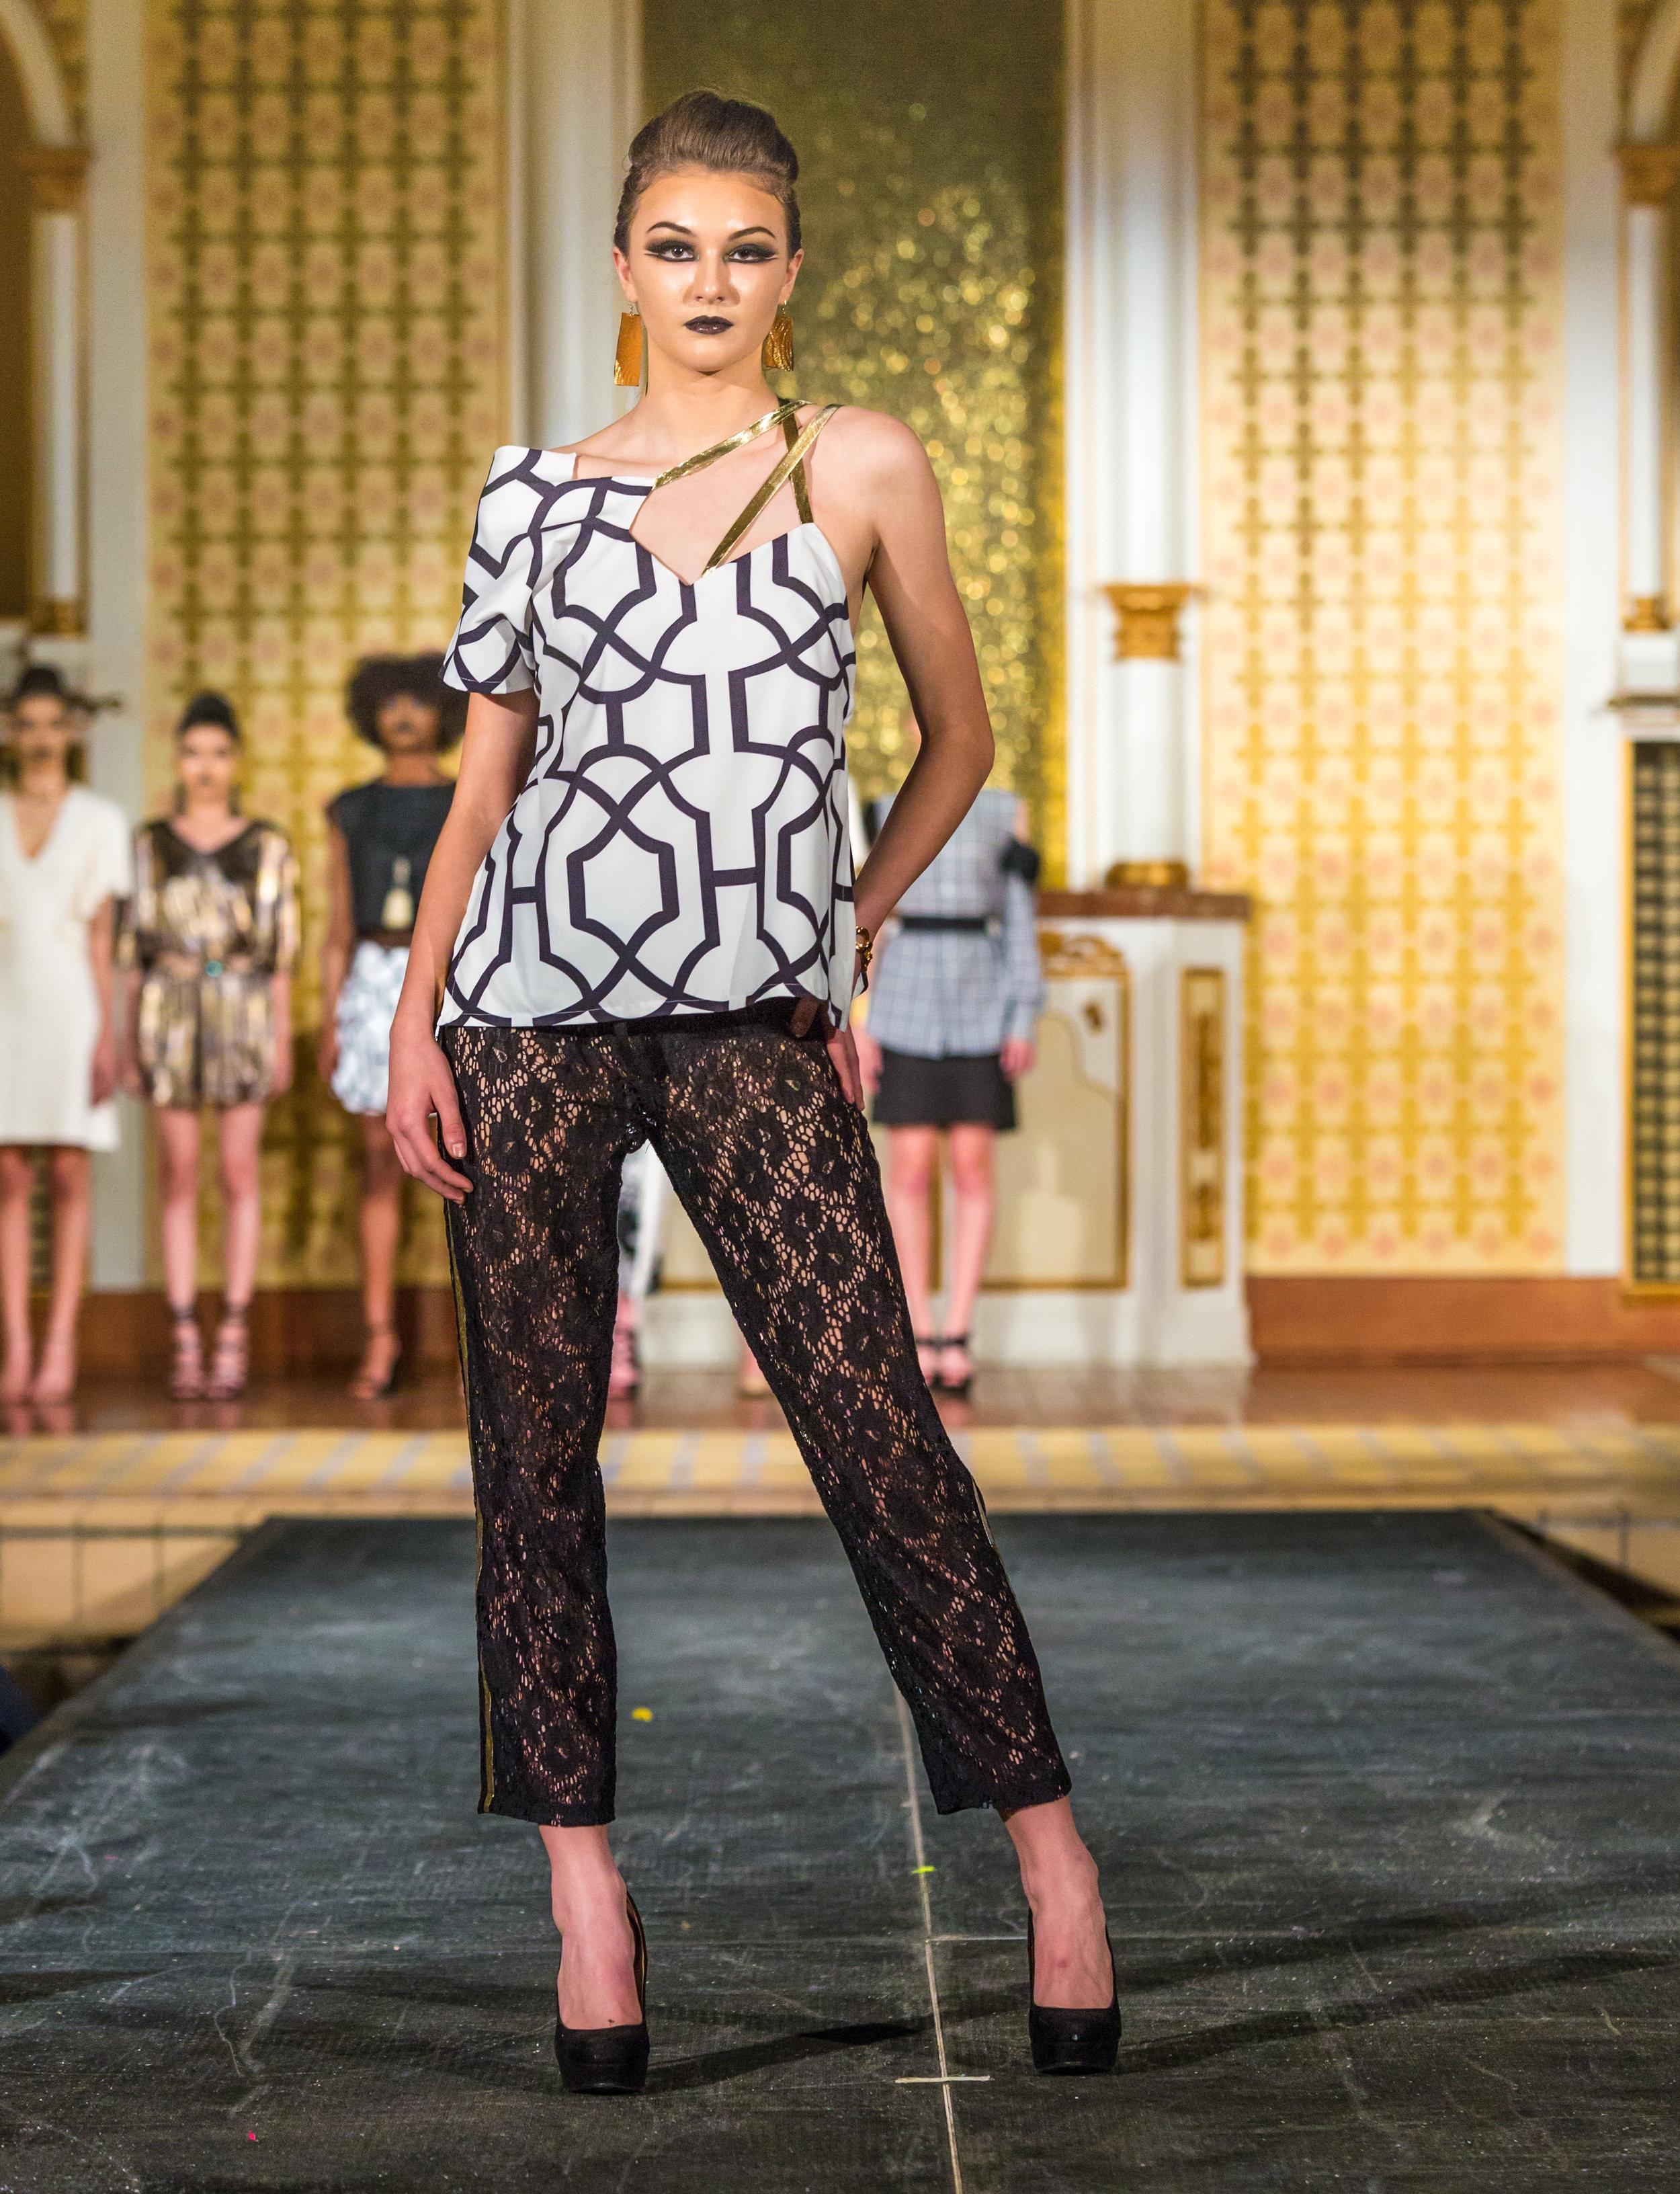 Carla Elese Luv Carla Fashion-56.jpg